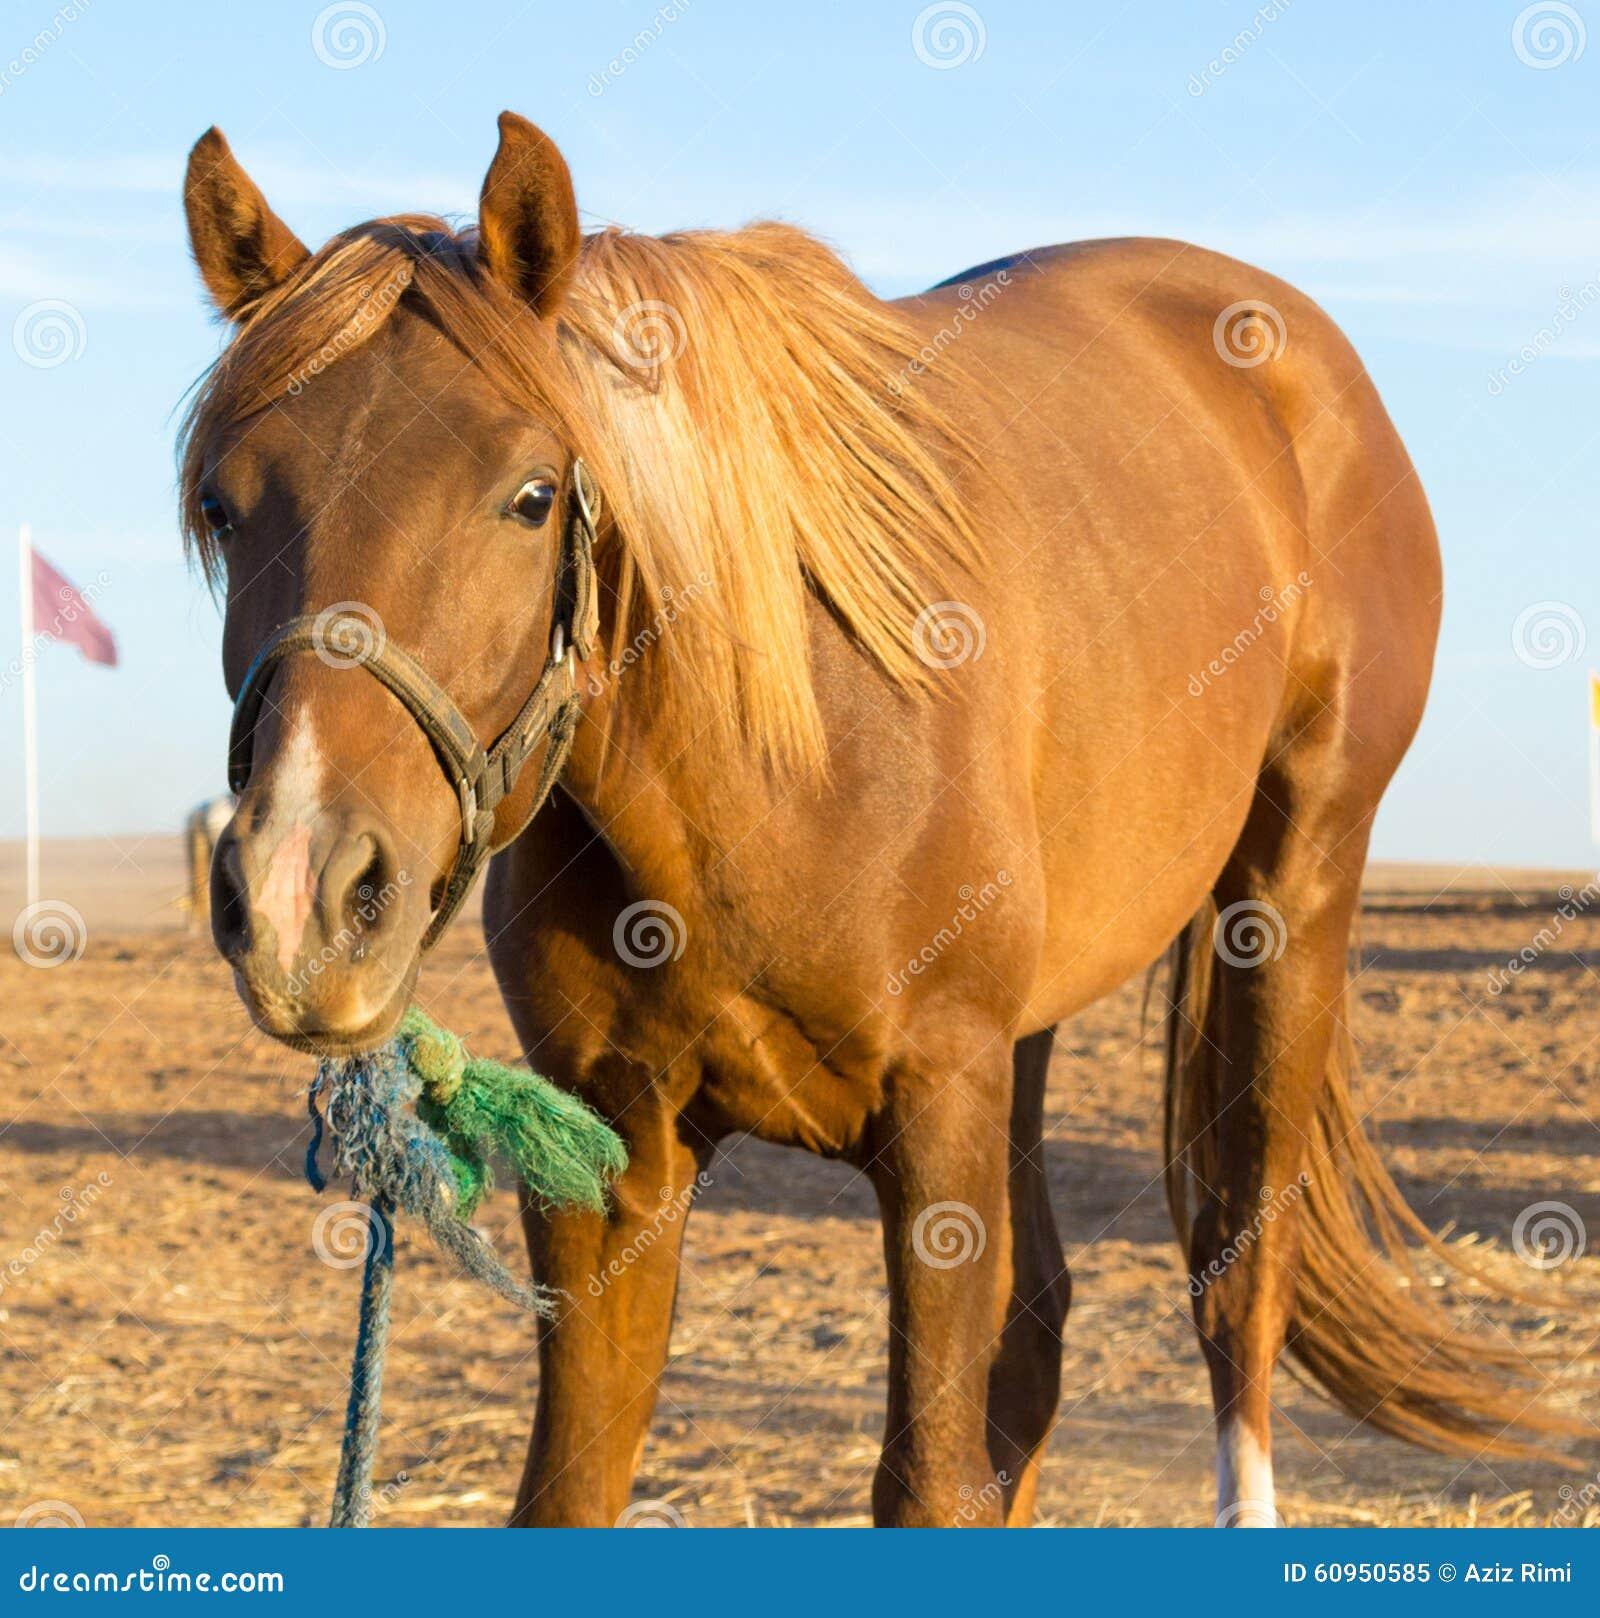 Chestnut Horse Stock Photo - Image: 60950585 - photo#44